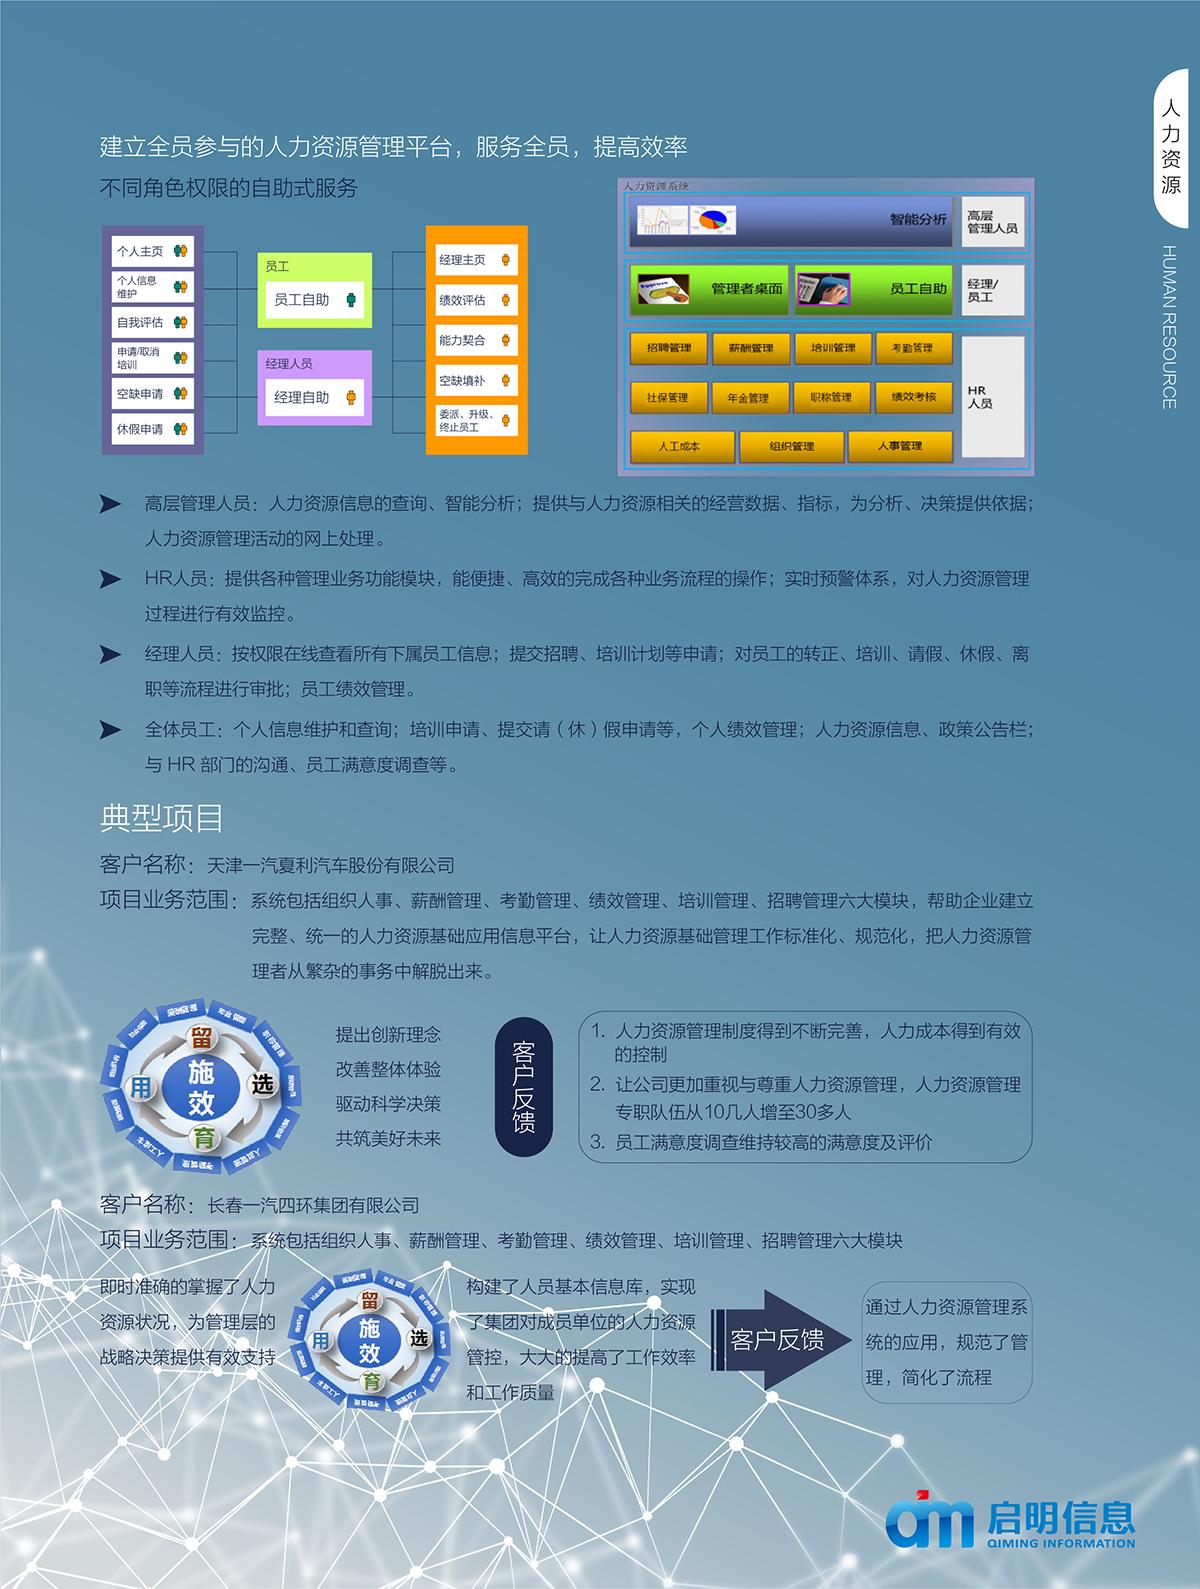 启明-浅蓝-05.jpg